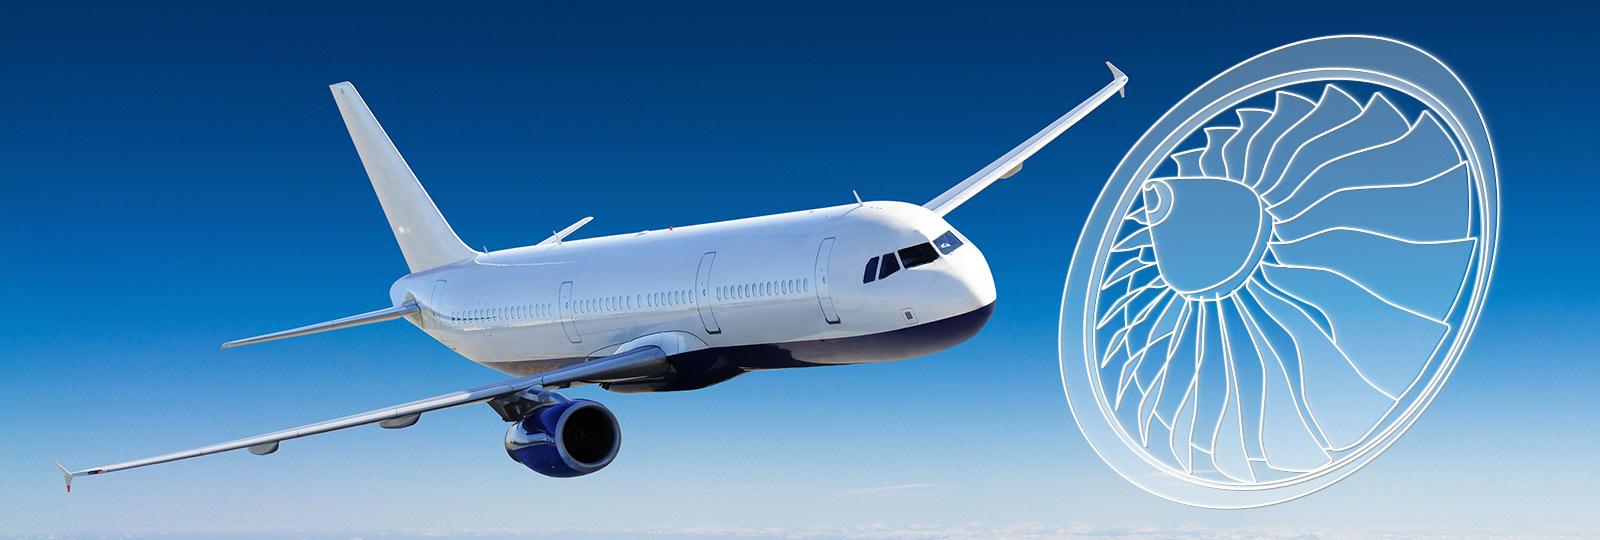 Flugzeug über den Wolken und Turbinenzeichnung